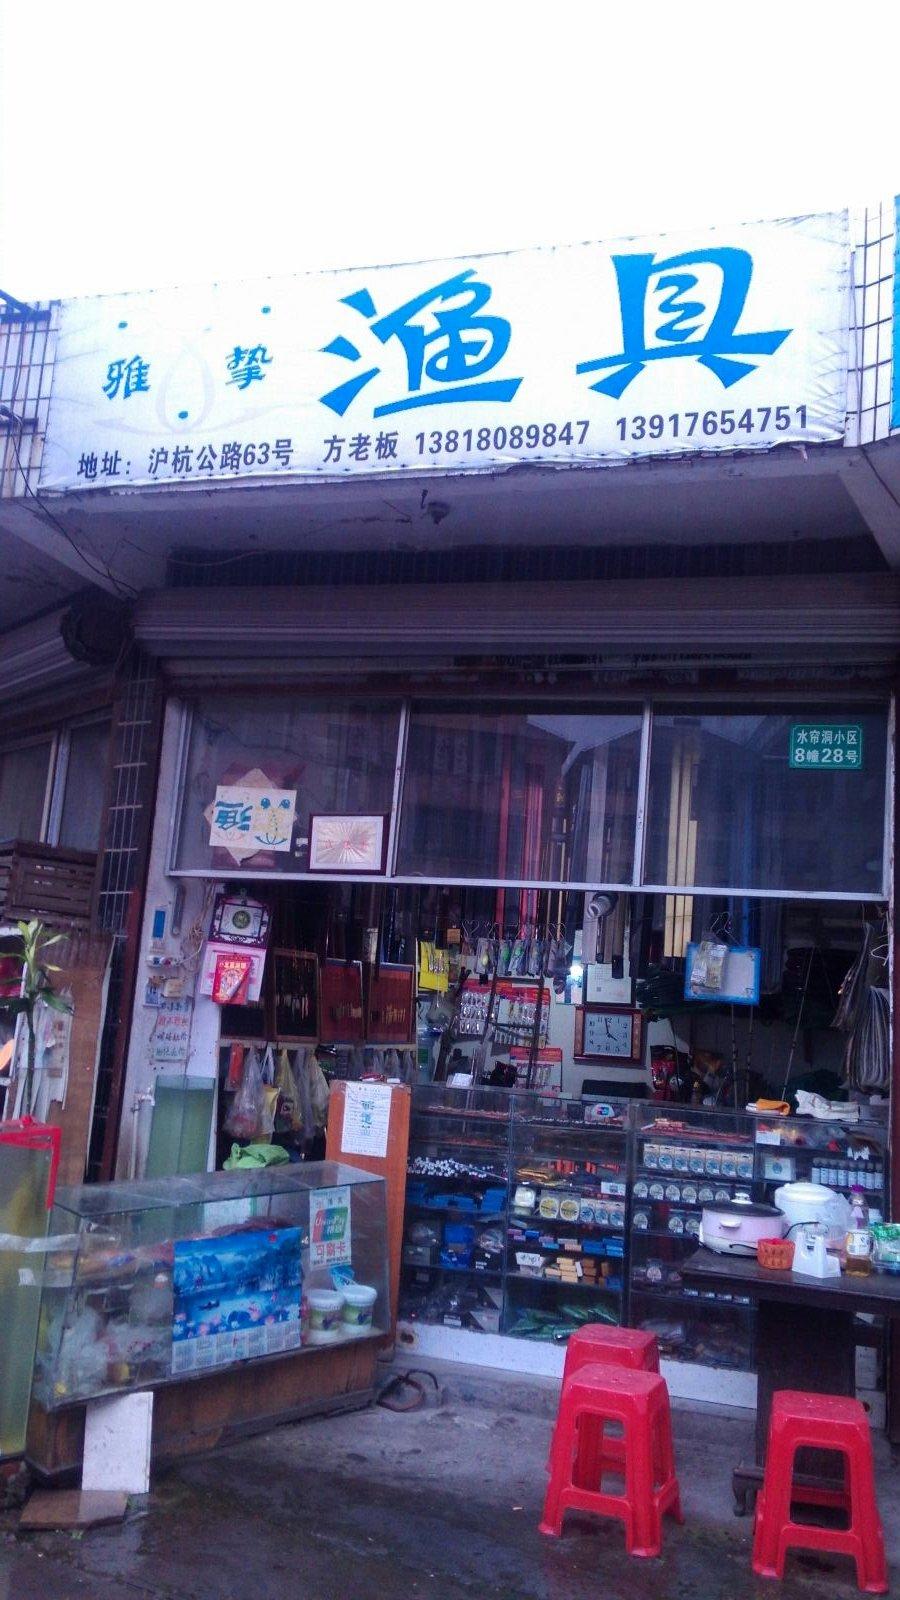 上海雅挚渔具店